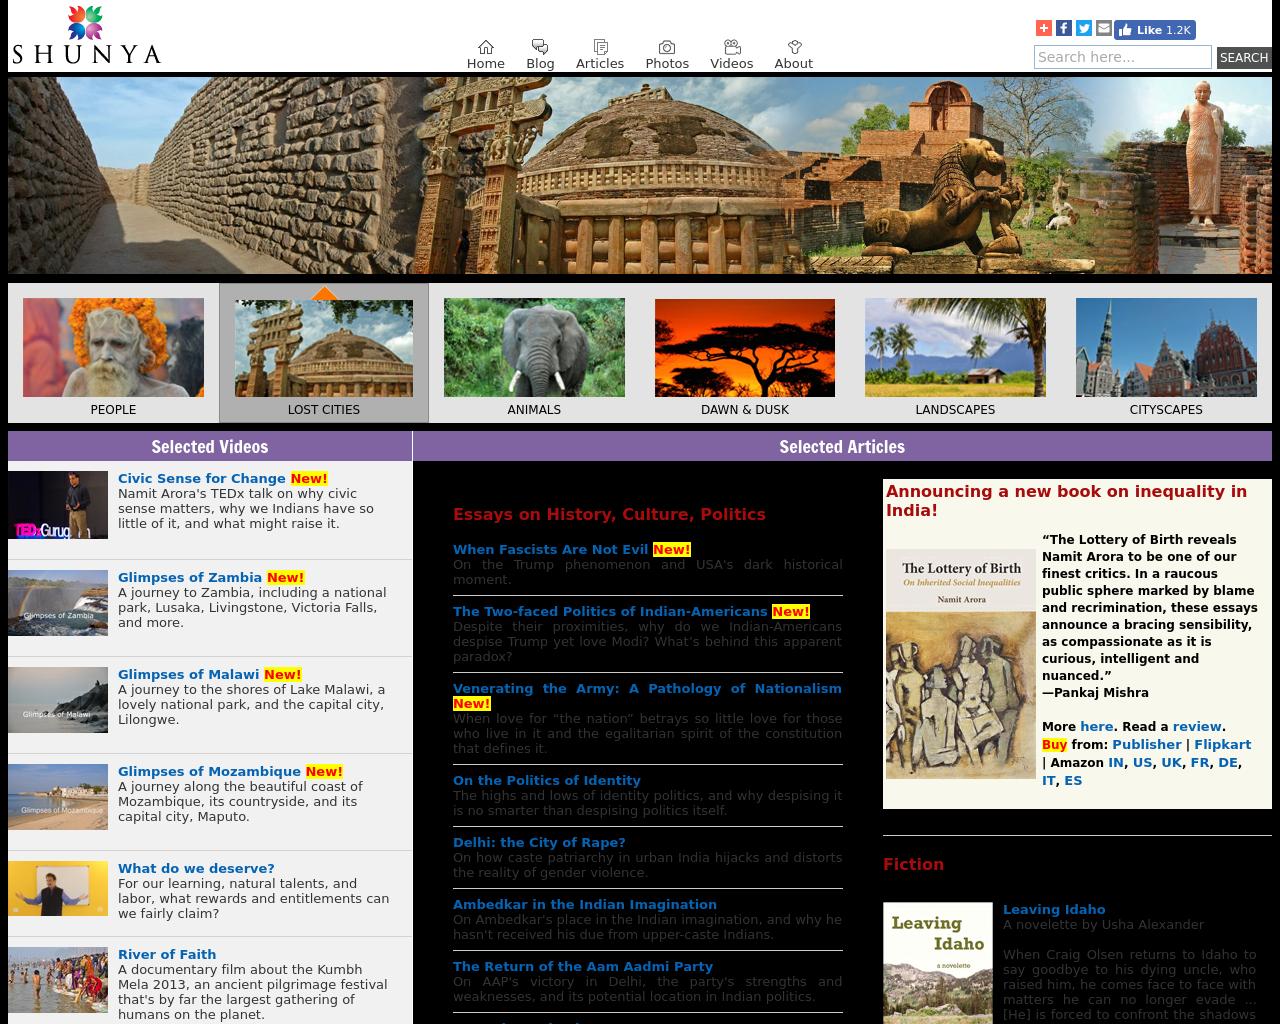 Shunya-Advertising-Reviews-Pricing